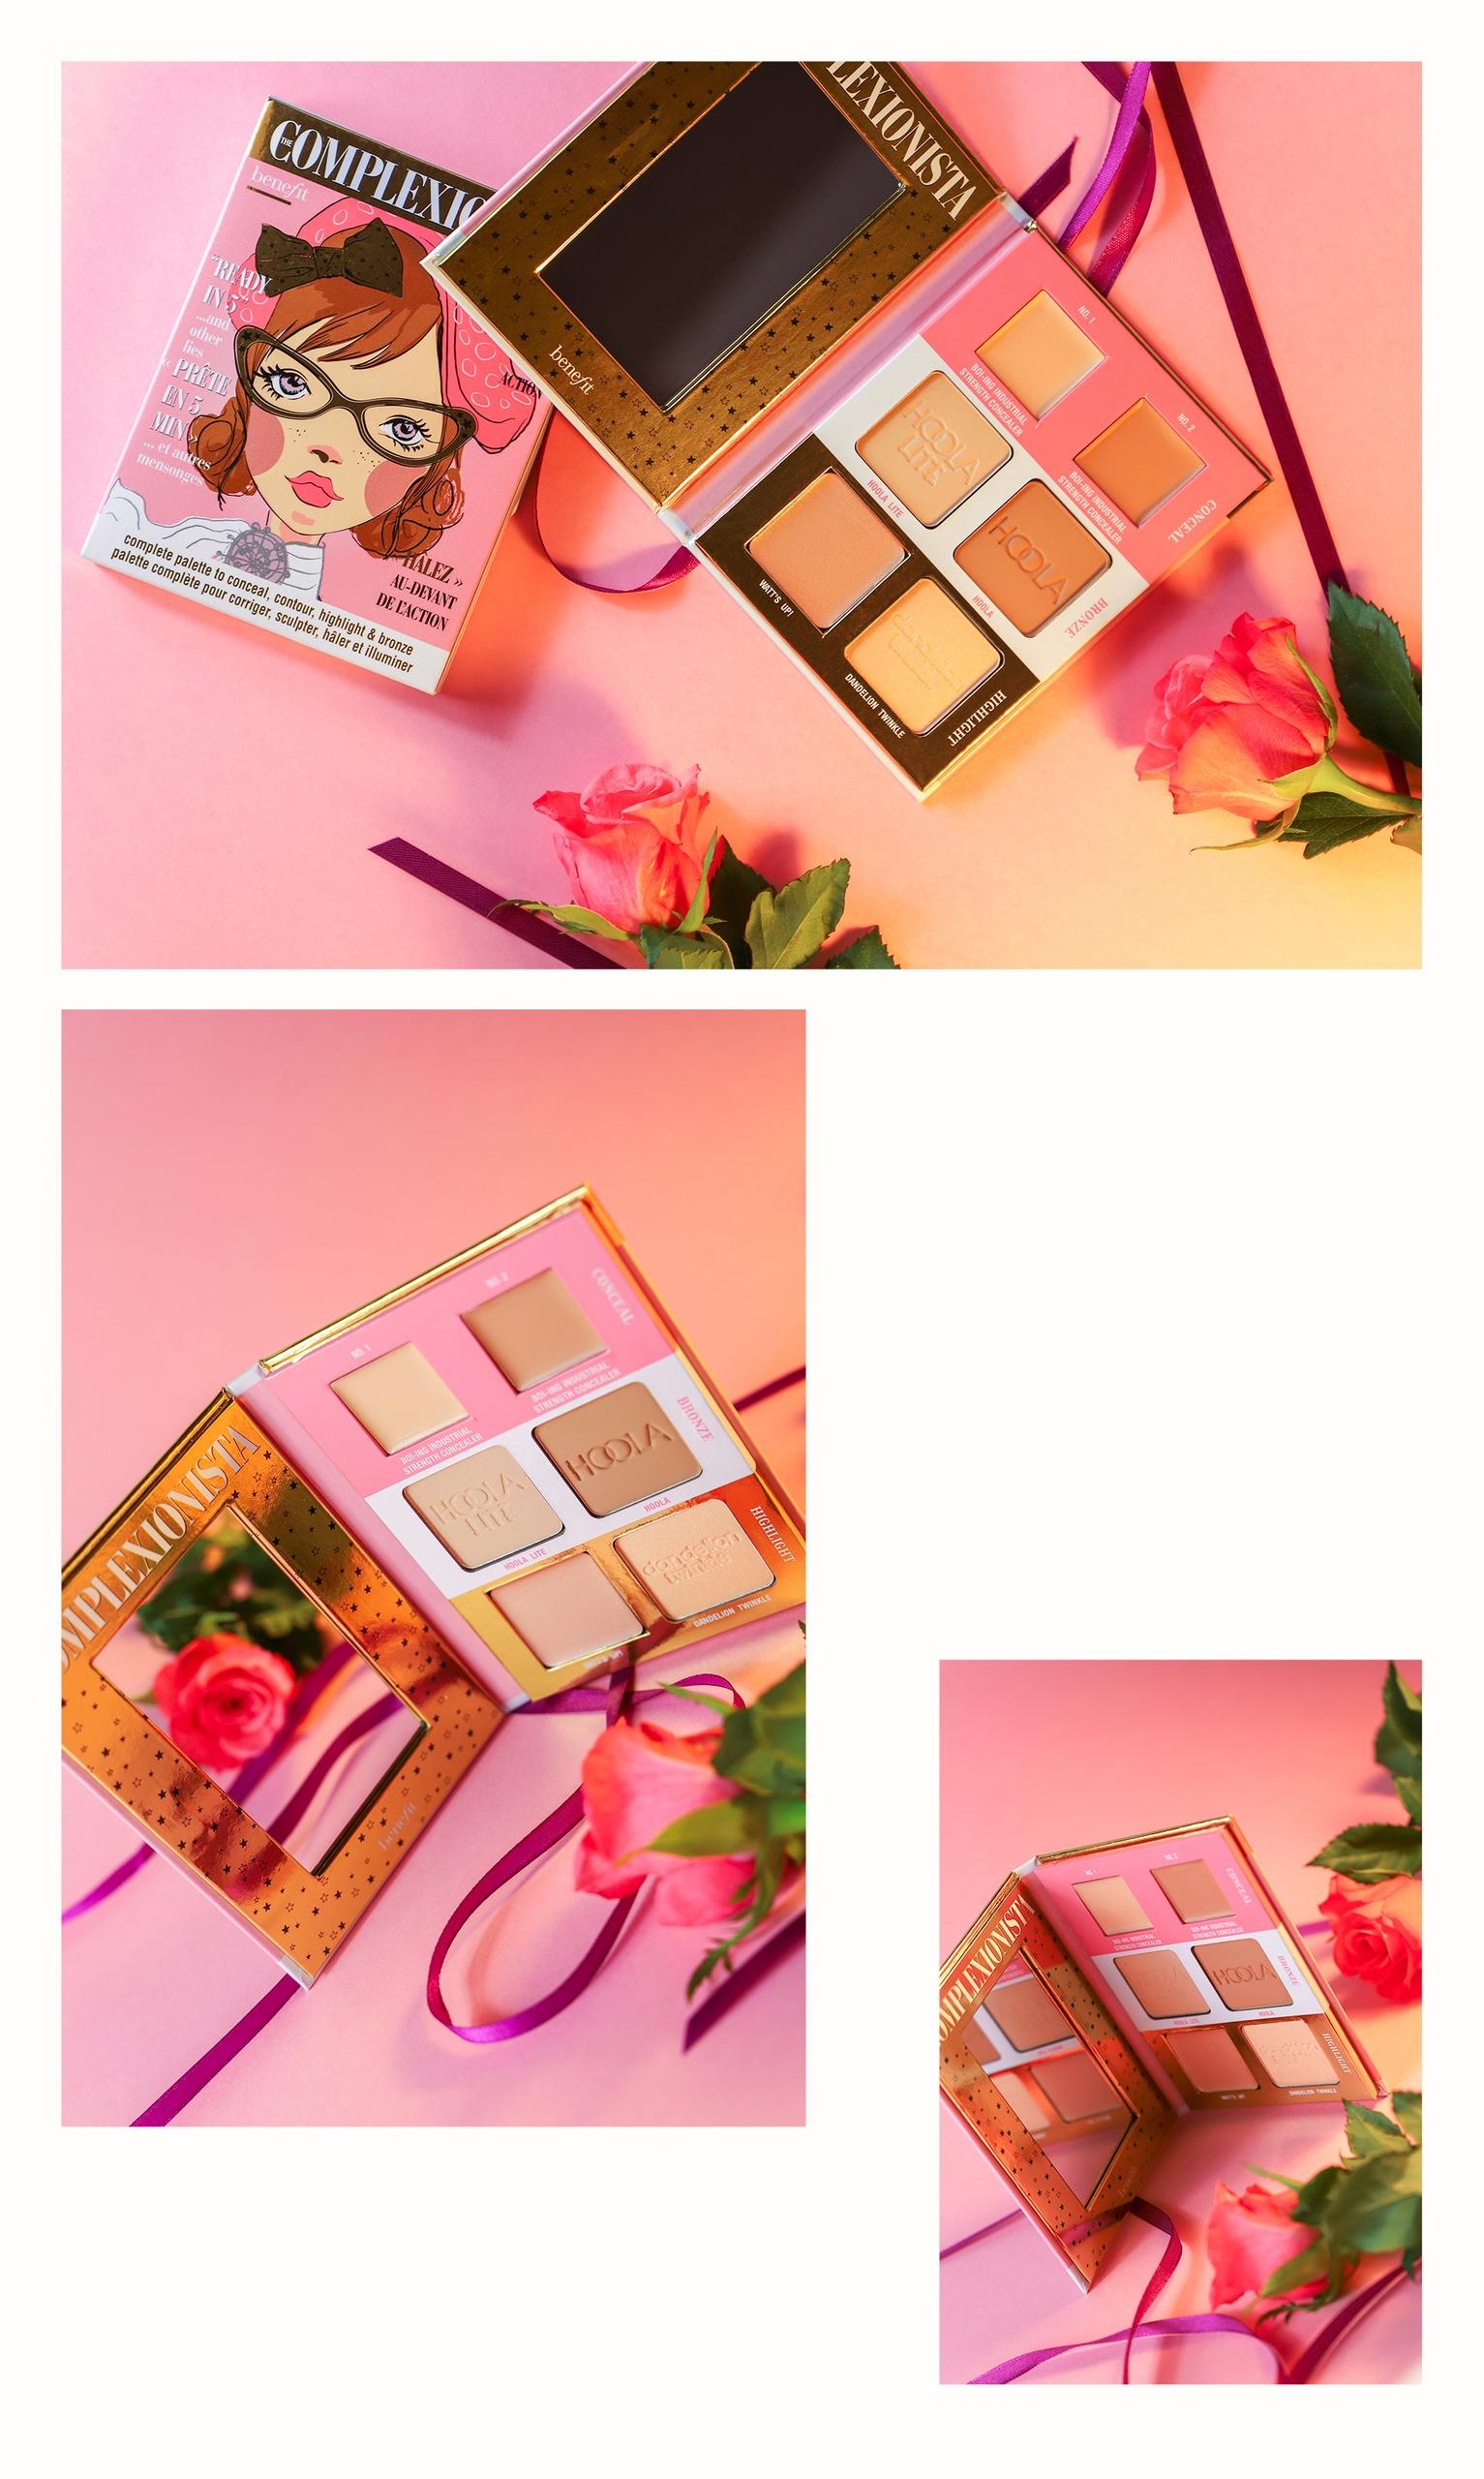 Obraz przedstawia trzy zdjęcia kosmetyku na różowym tle w otoczeniu kwiatów.